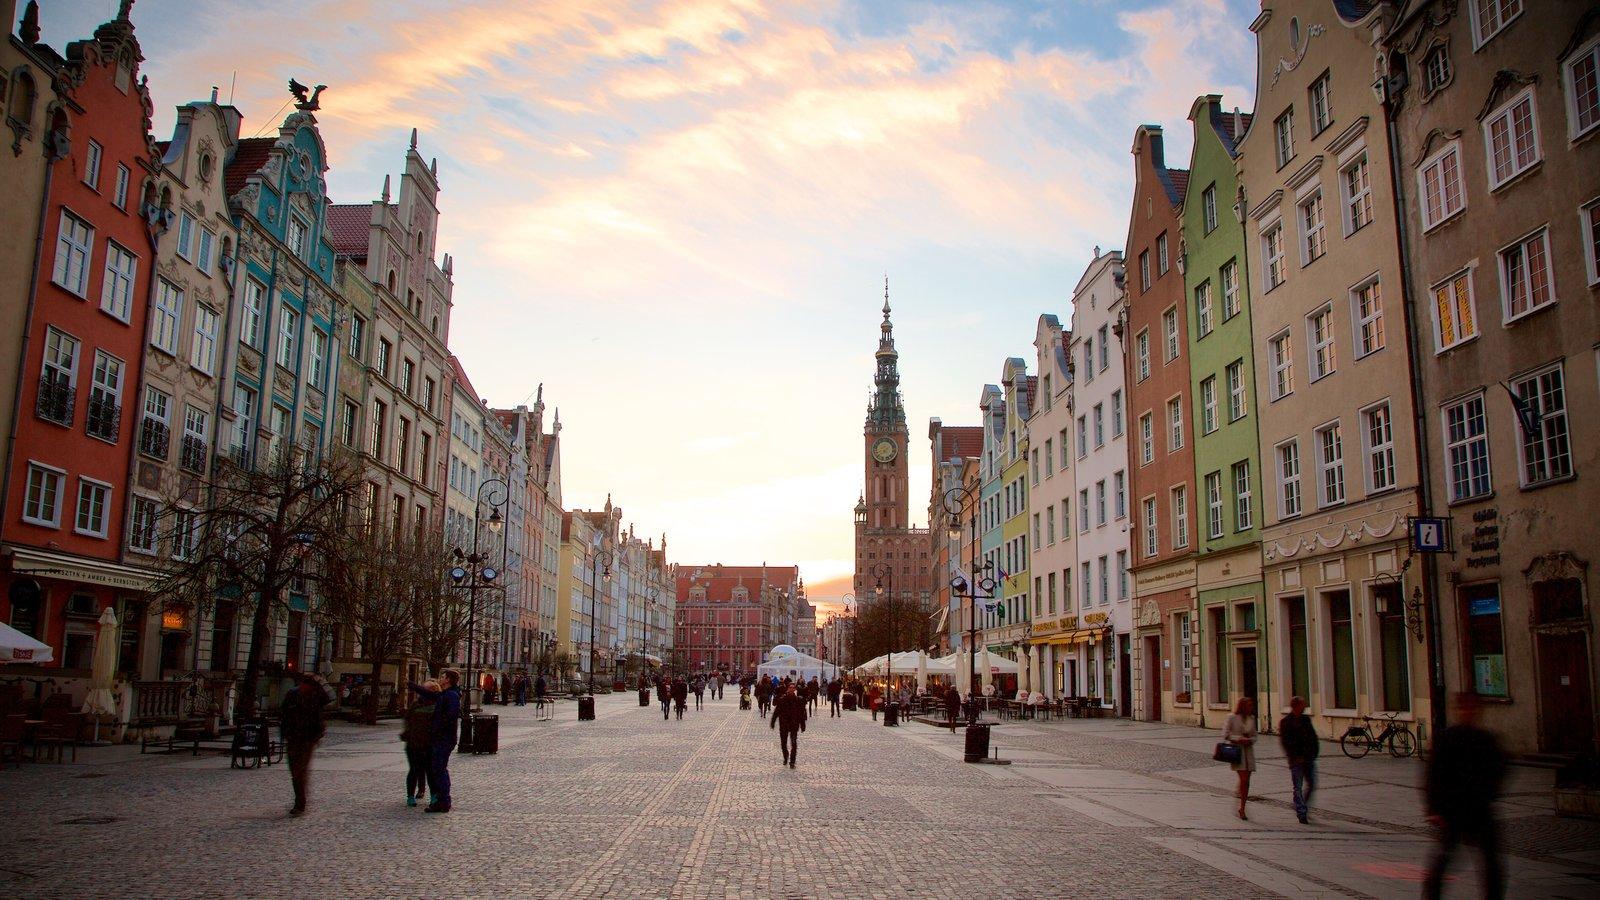 Gdansk que inclui cenas de rua